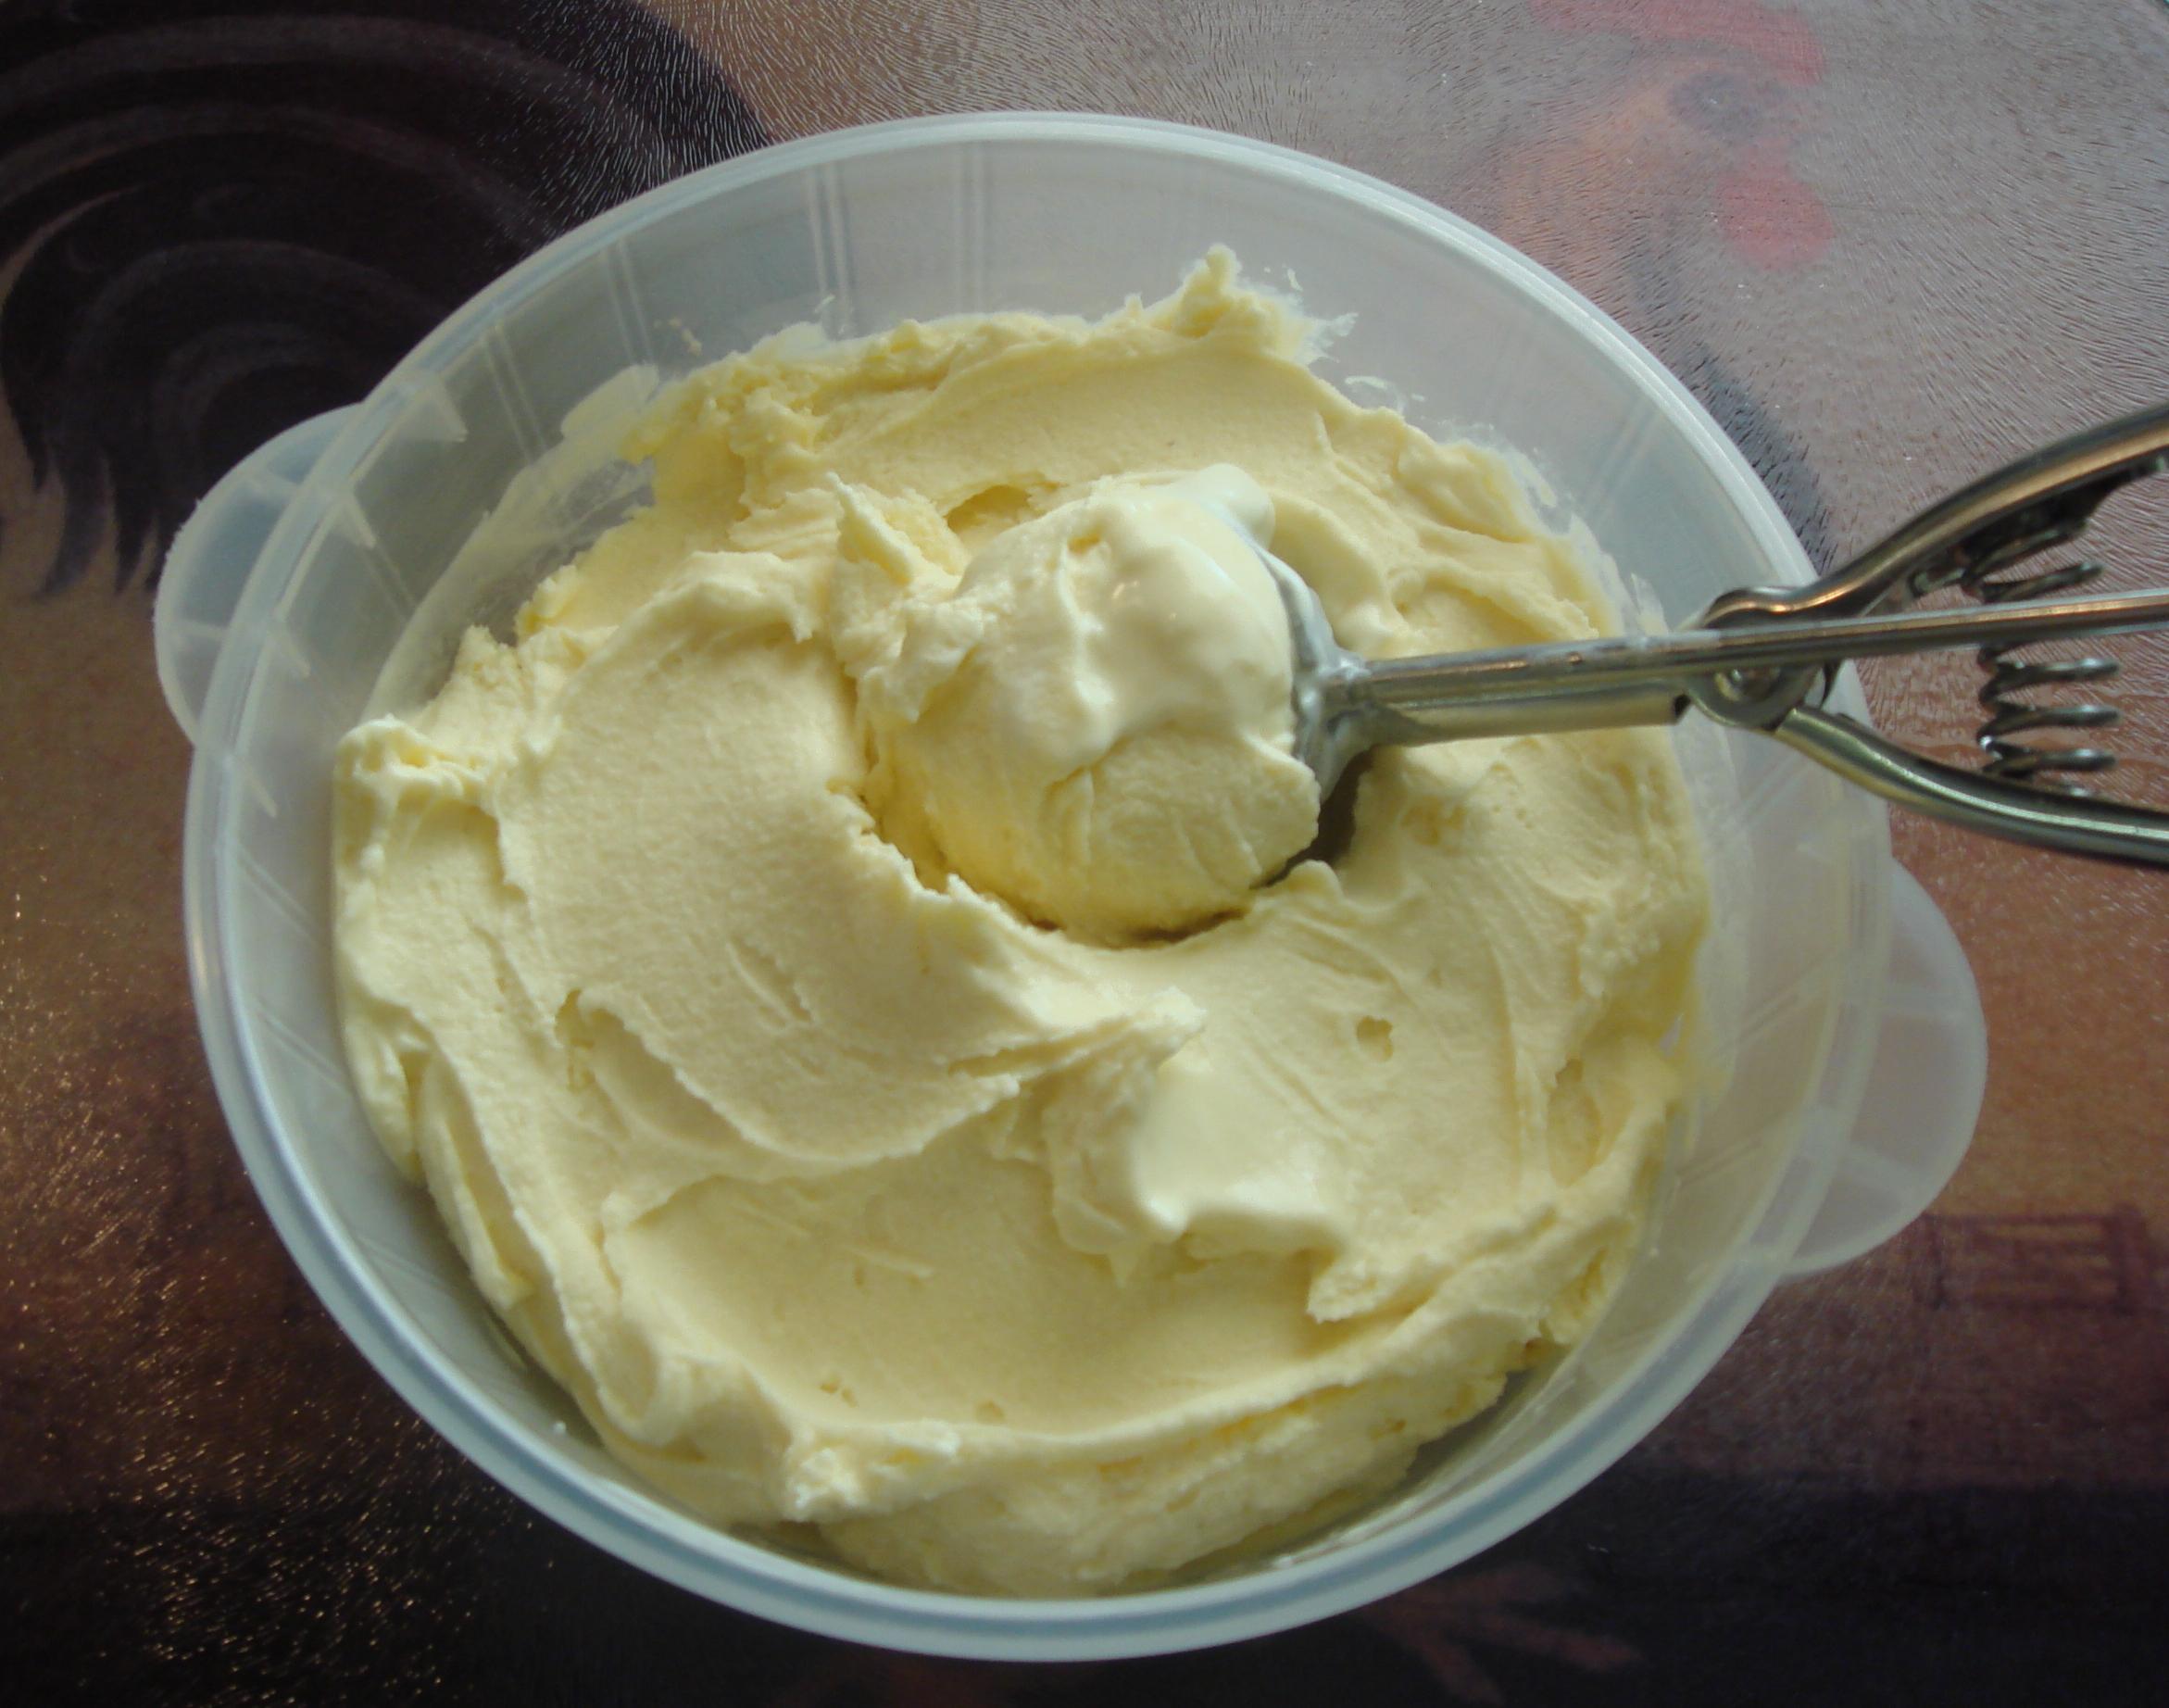 Homemade Ice Cream Cake Baling Dish